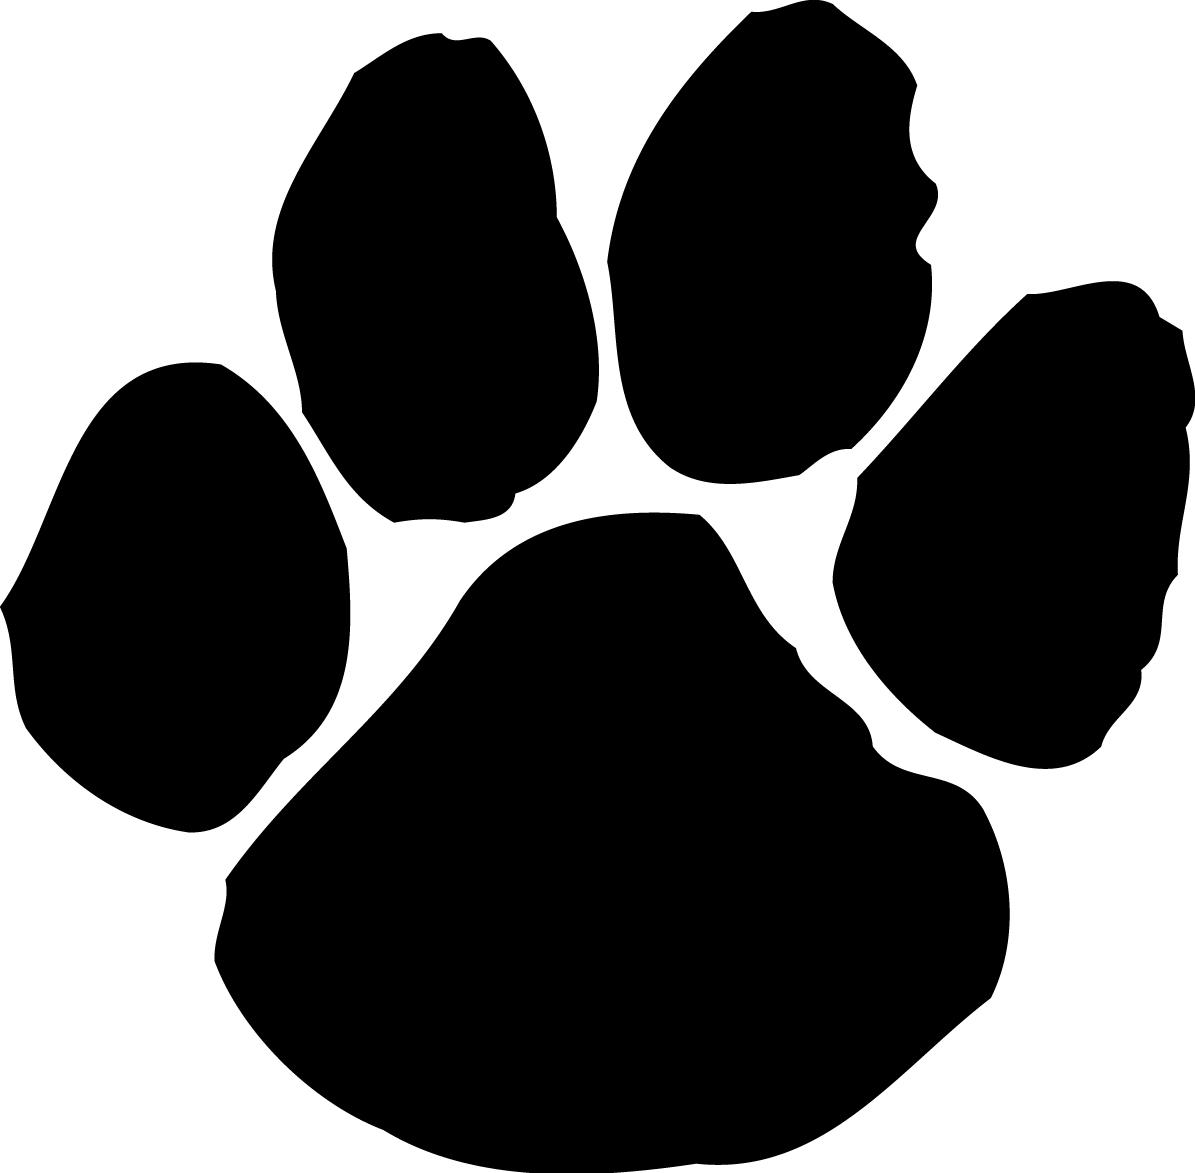 Cute Dog Paw Print Clipart - .-Cute dog paw print clipart - .-5